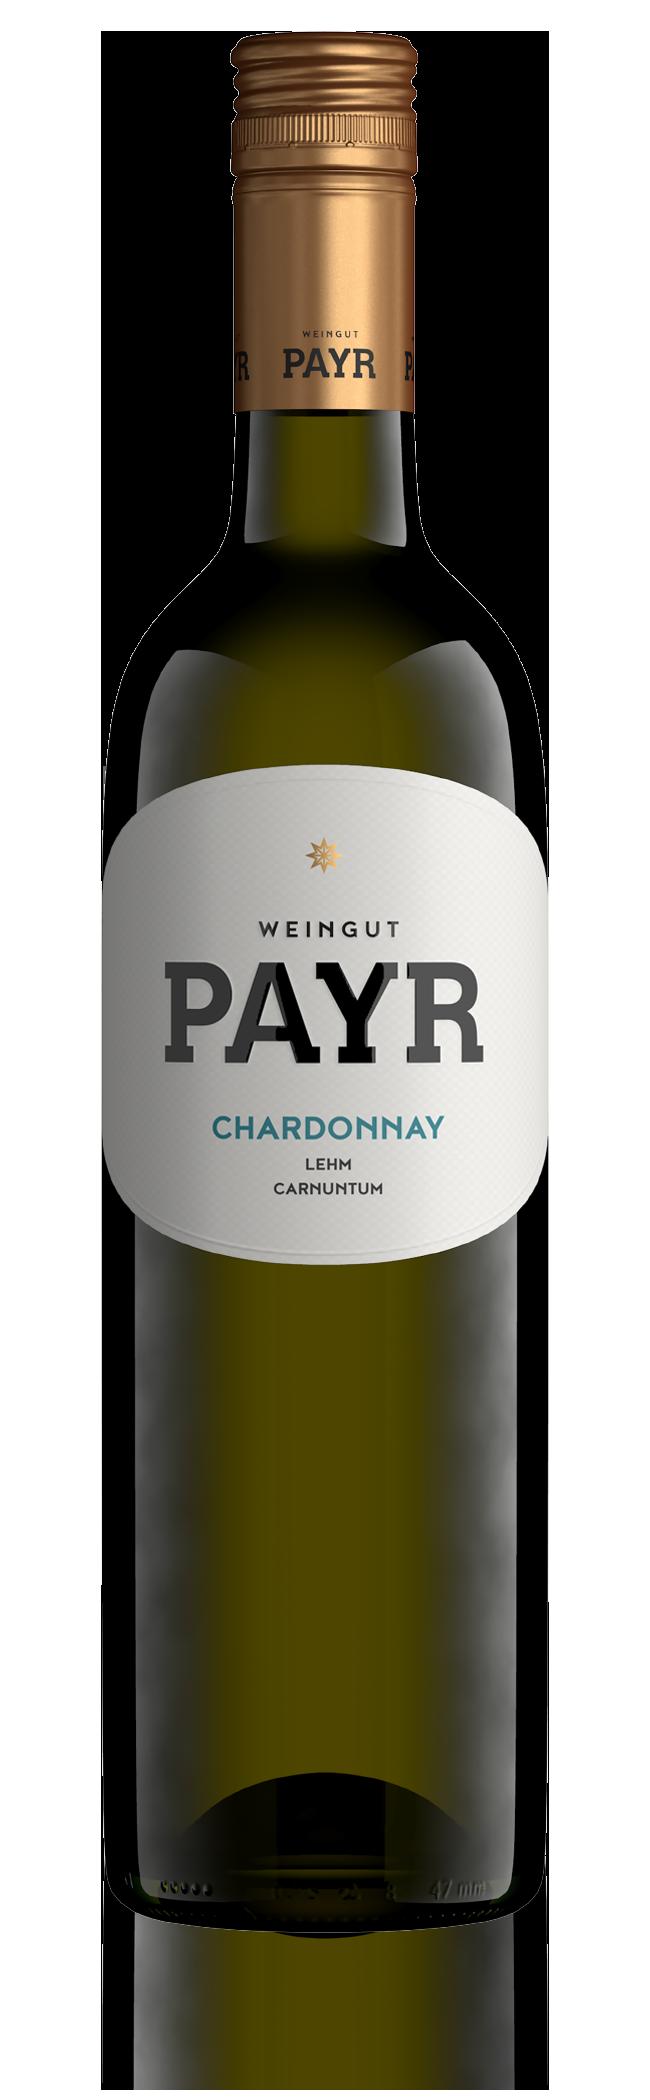 Weinflasche BIO • Chardonnay vom Lehm